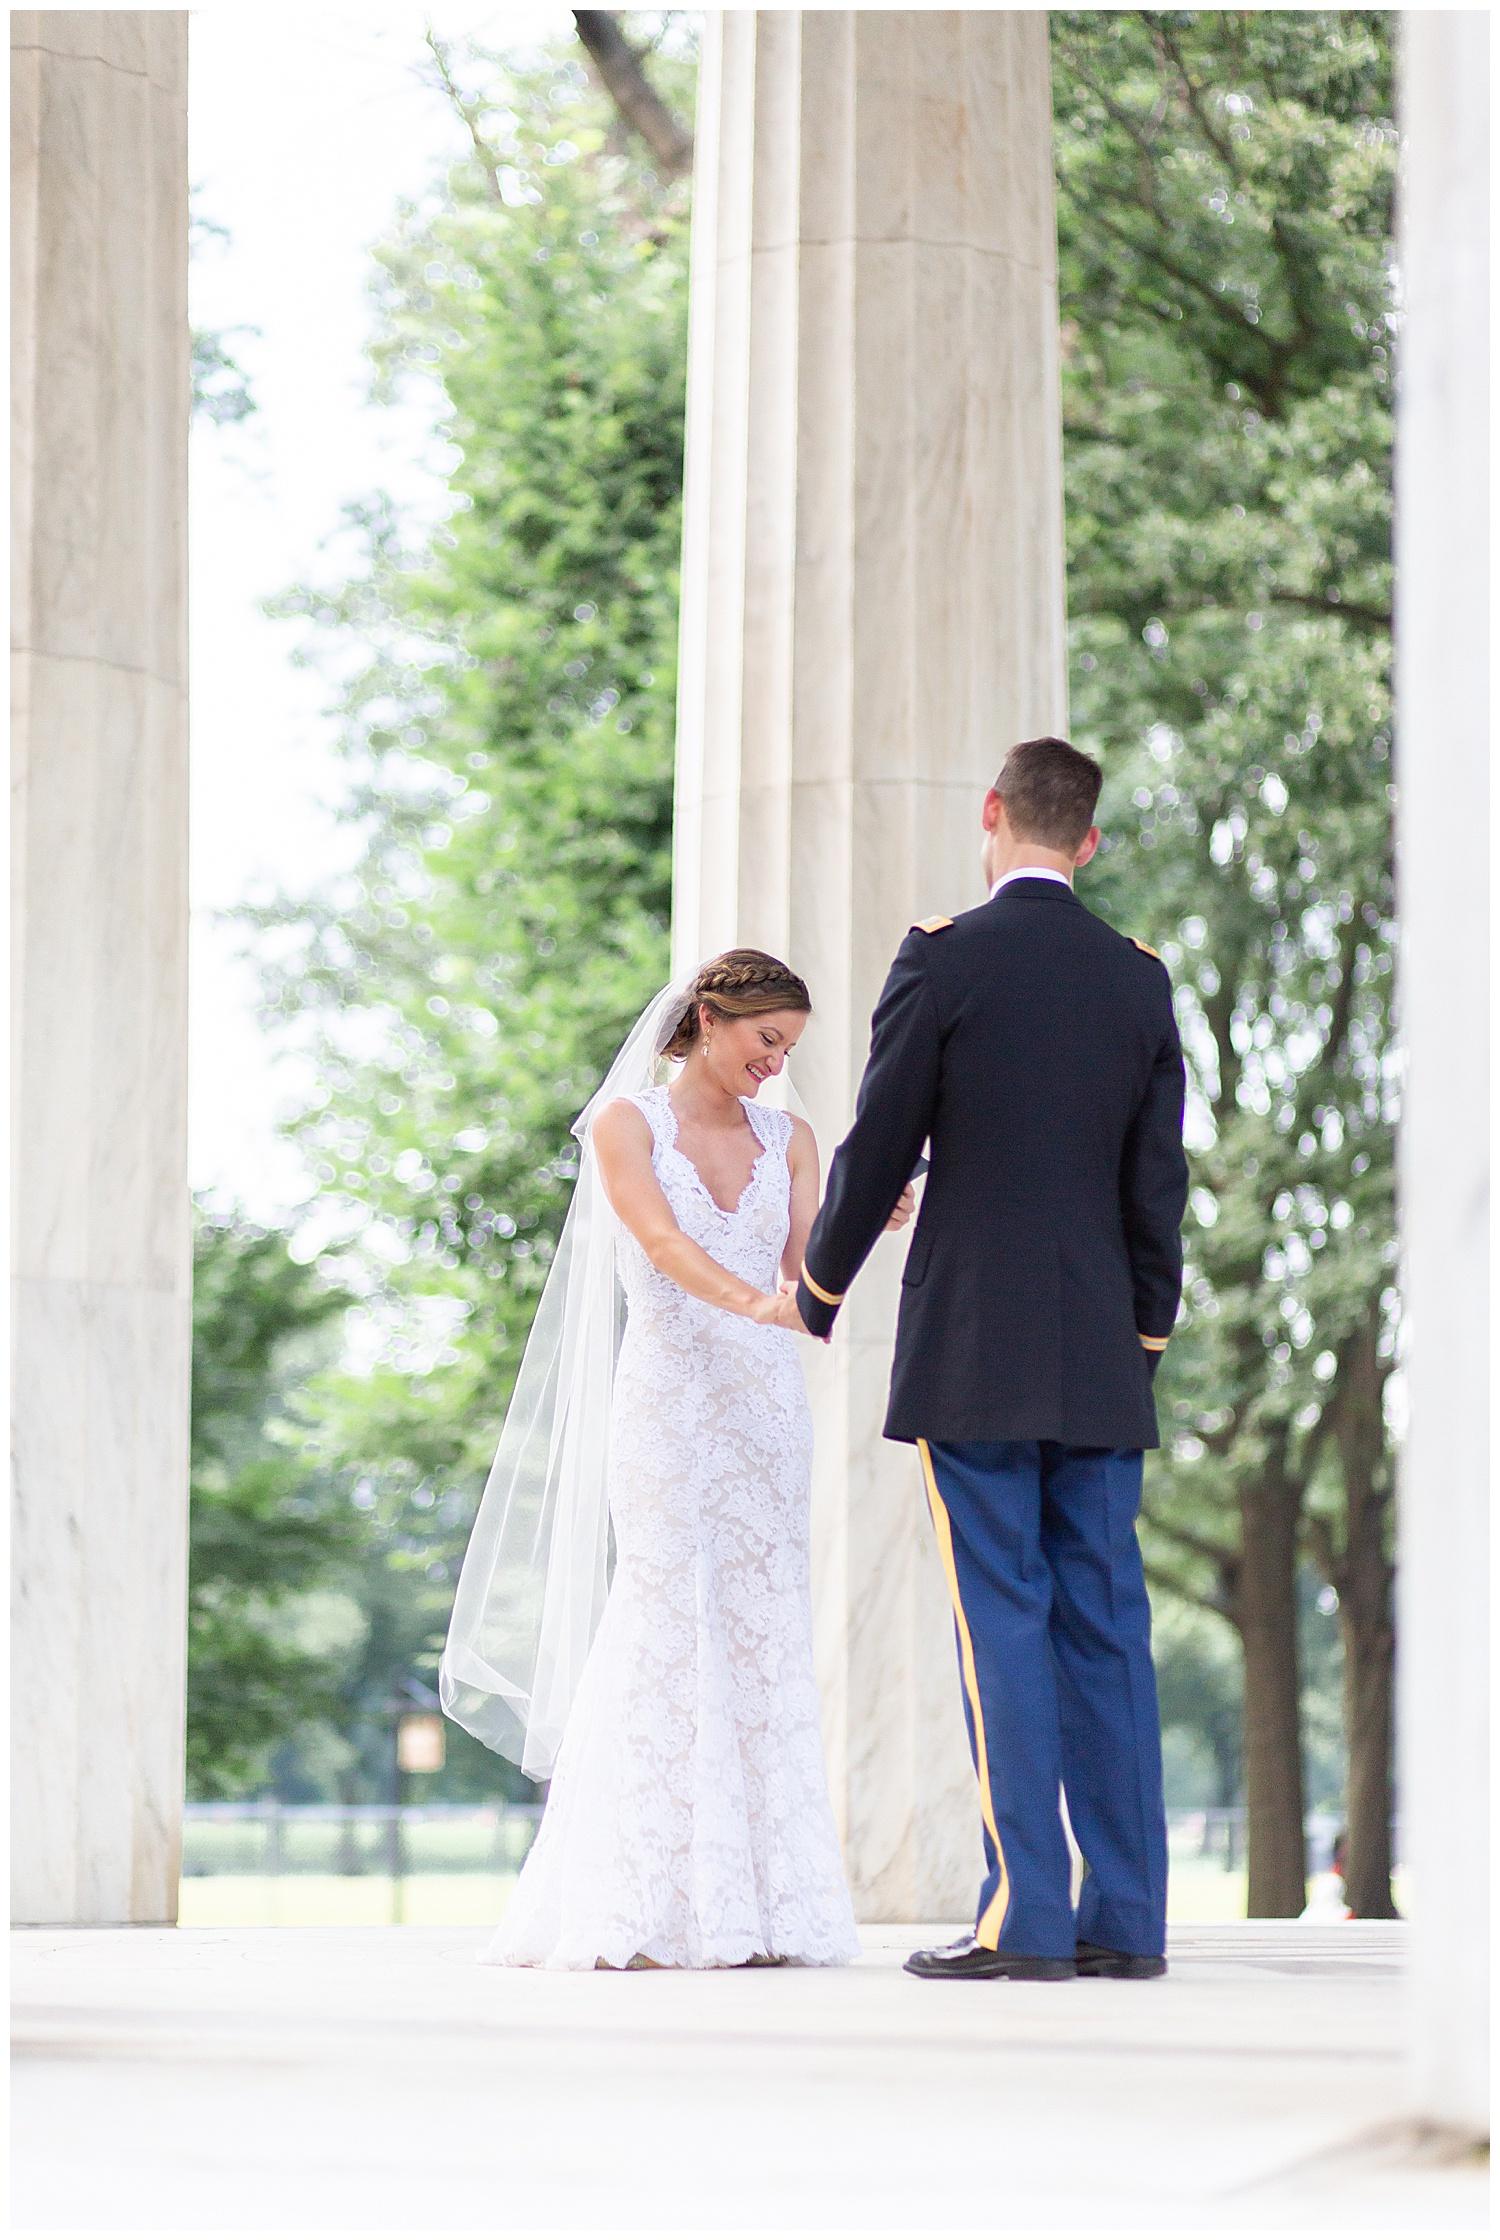 emily-belson-photography-dc-war-memorial-elopement-08.jpg